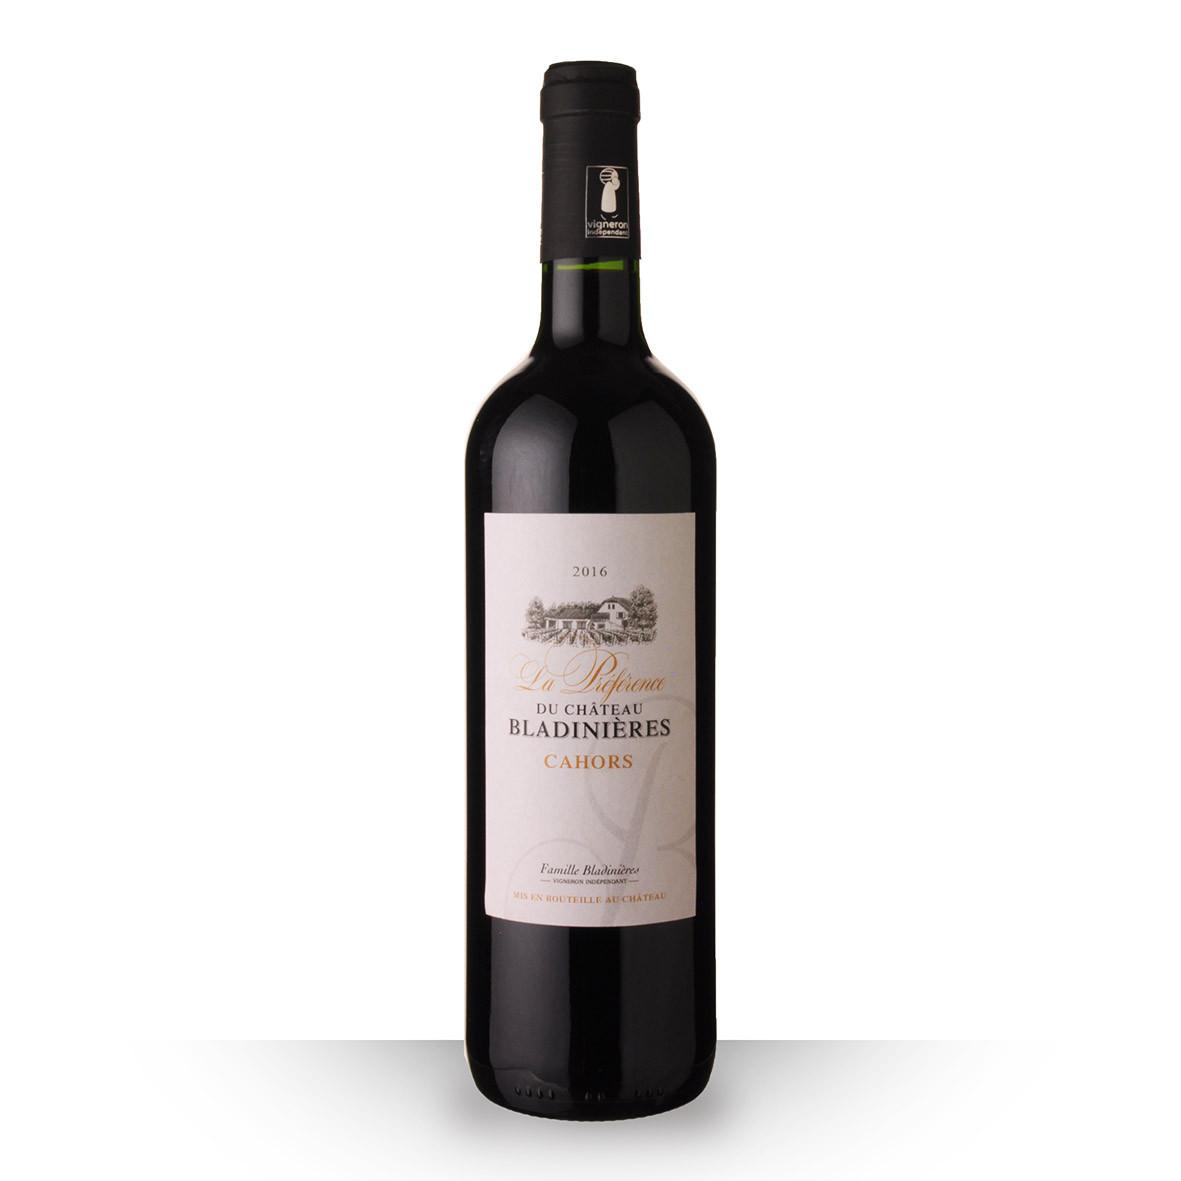 La Préférence du Château Bladinières Cahors Rouge 2016 75cl www.odyssee-vins.com